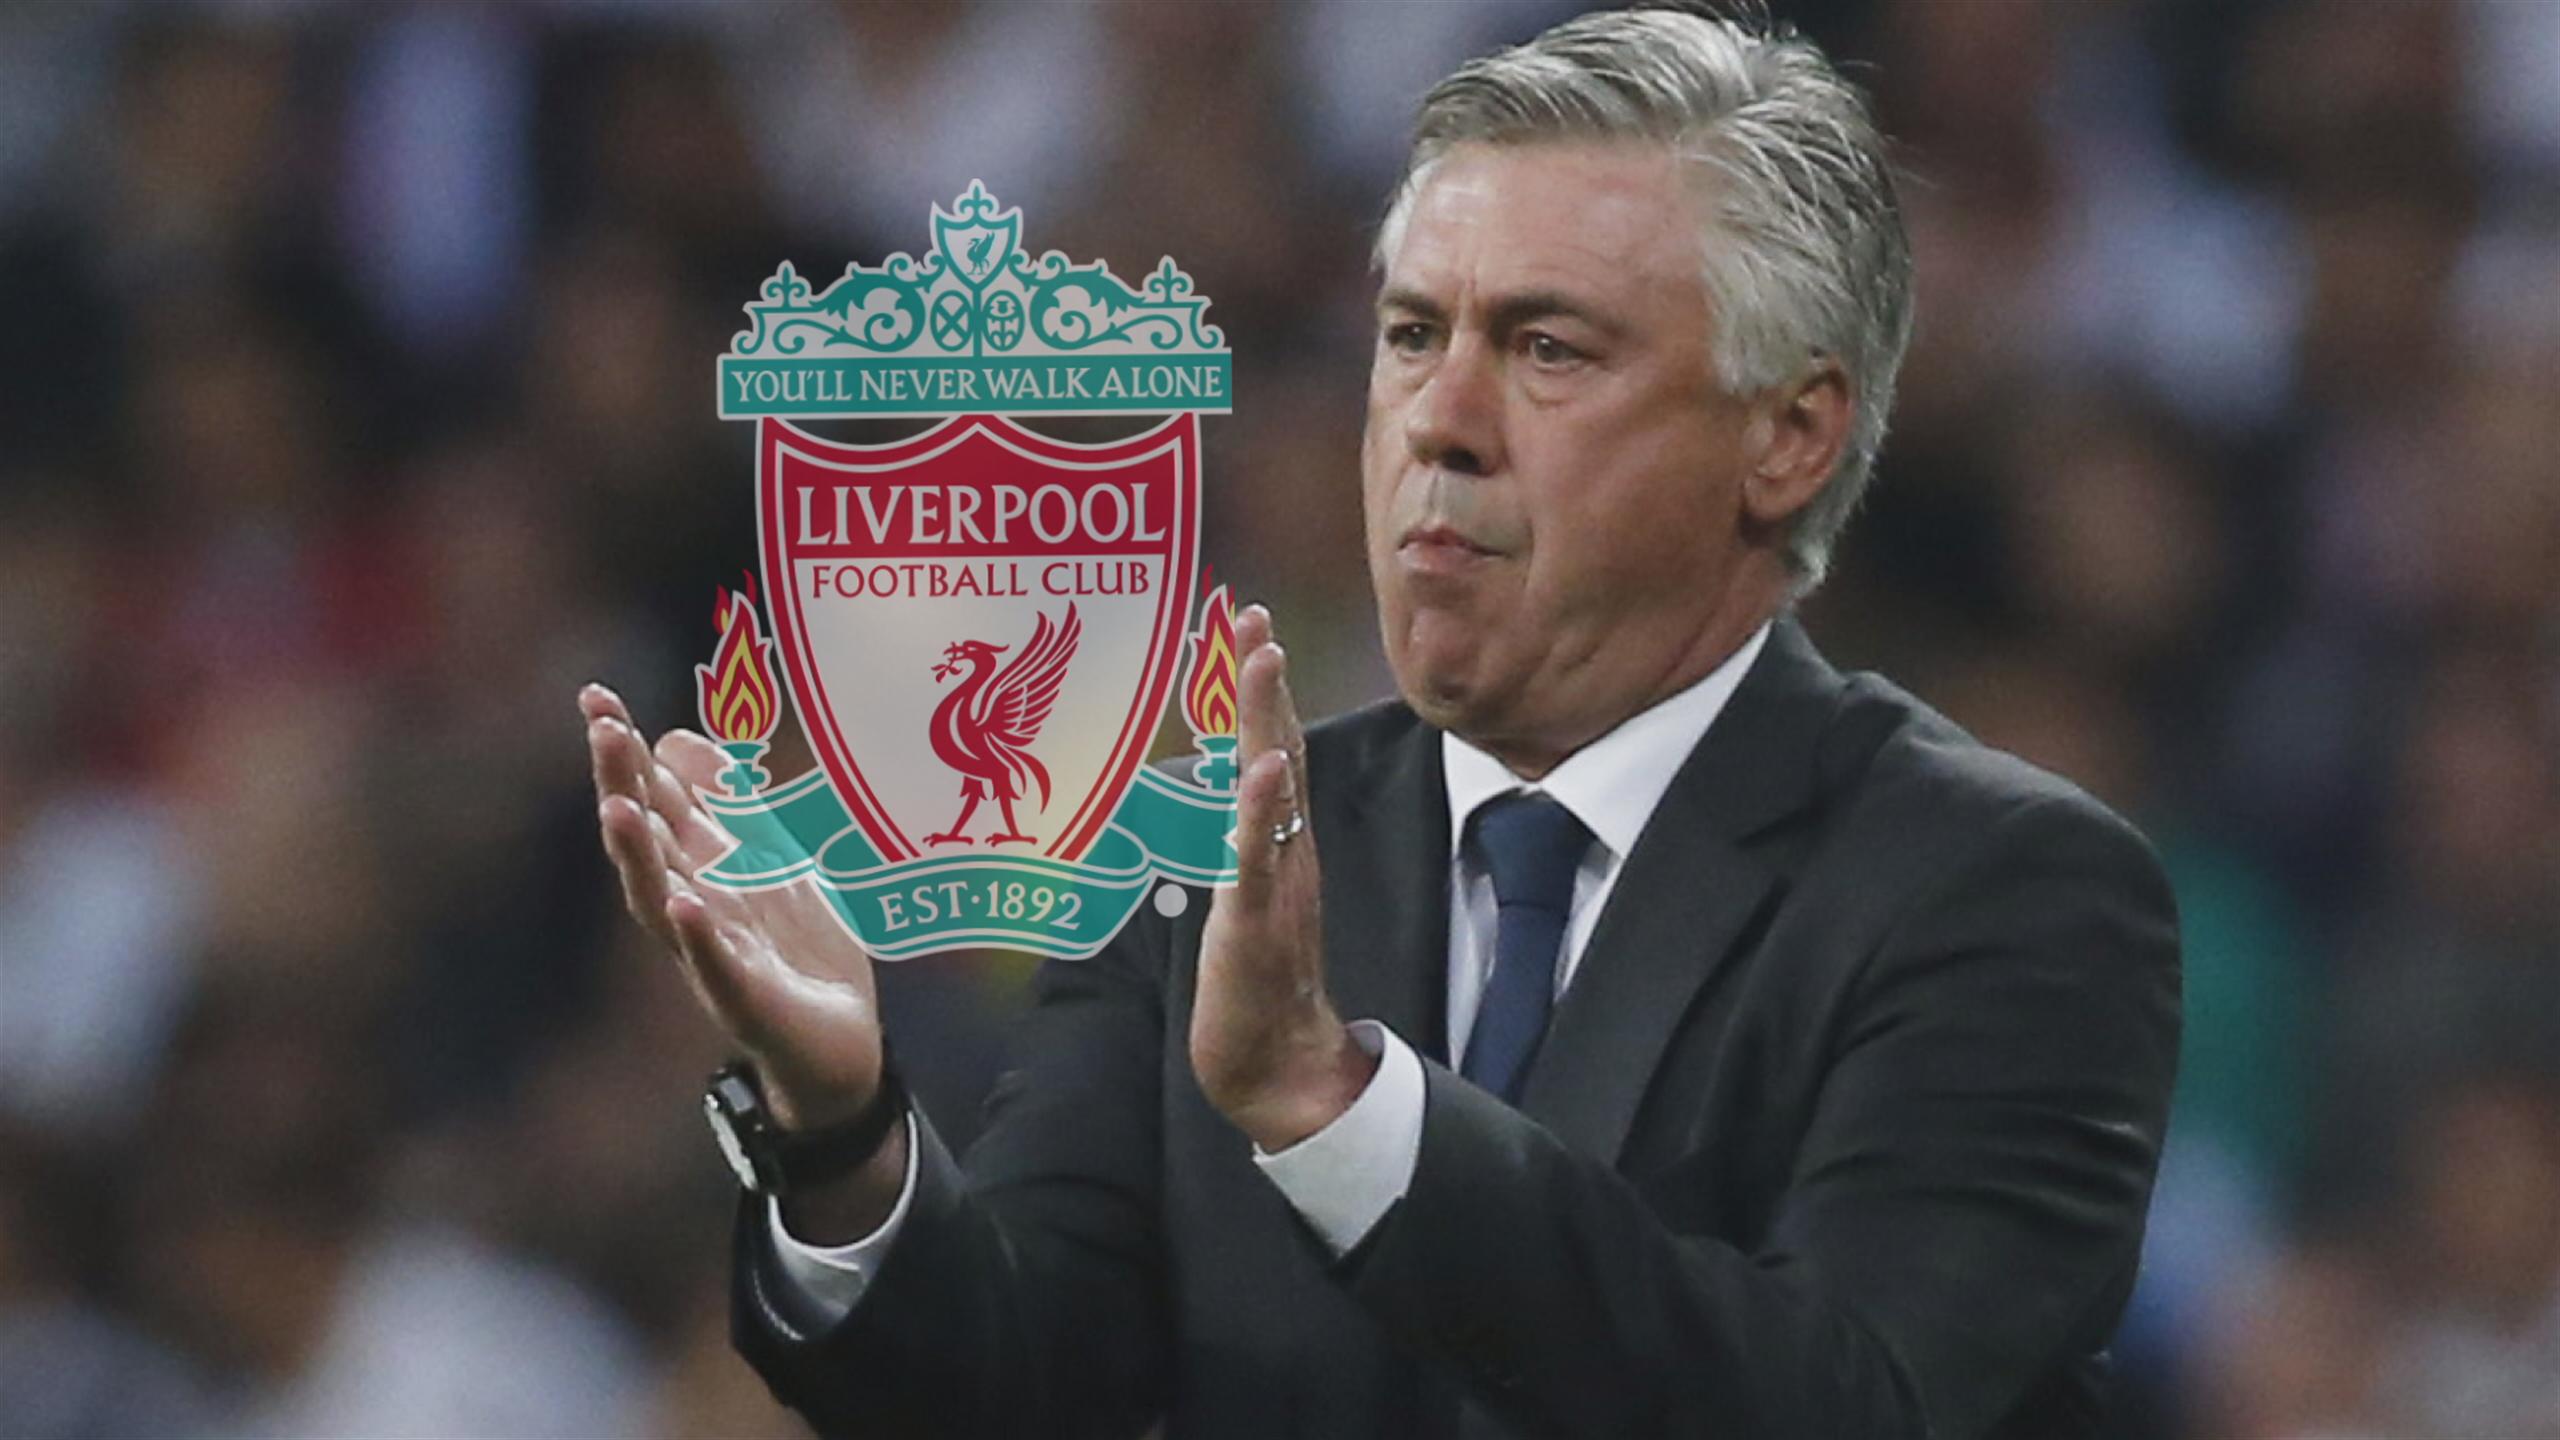 Карло Анчелотти и «Ливерпуль» – слухи